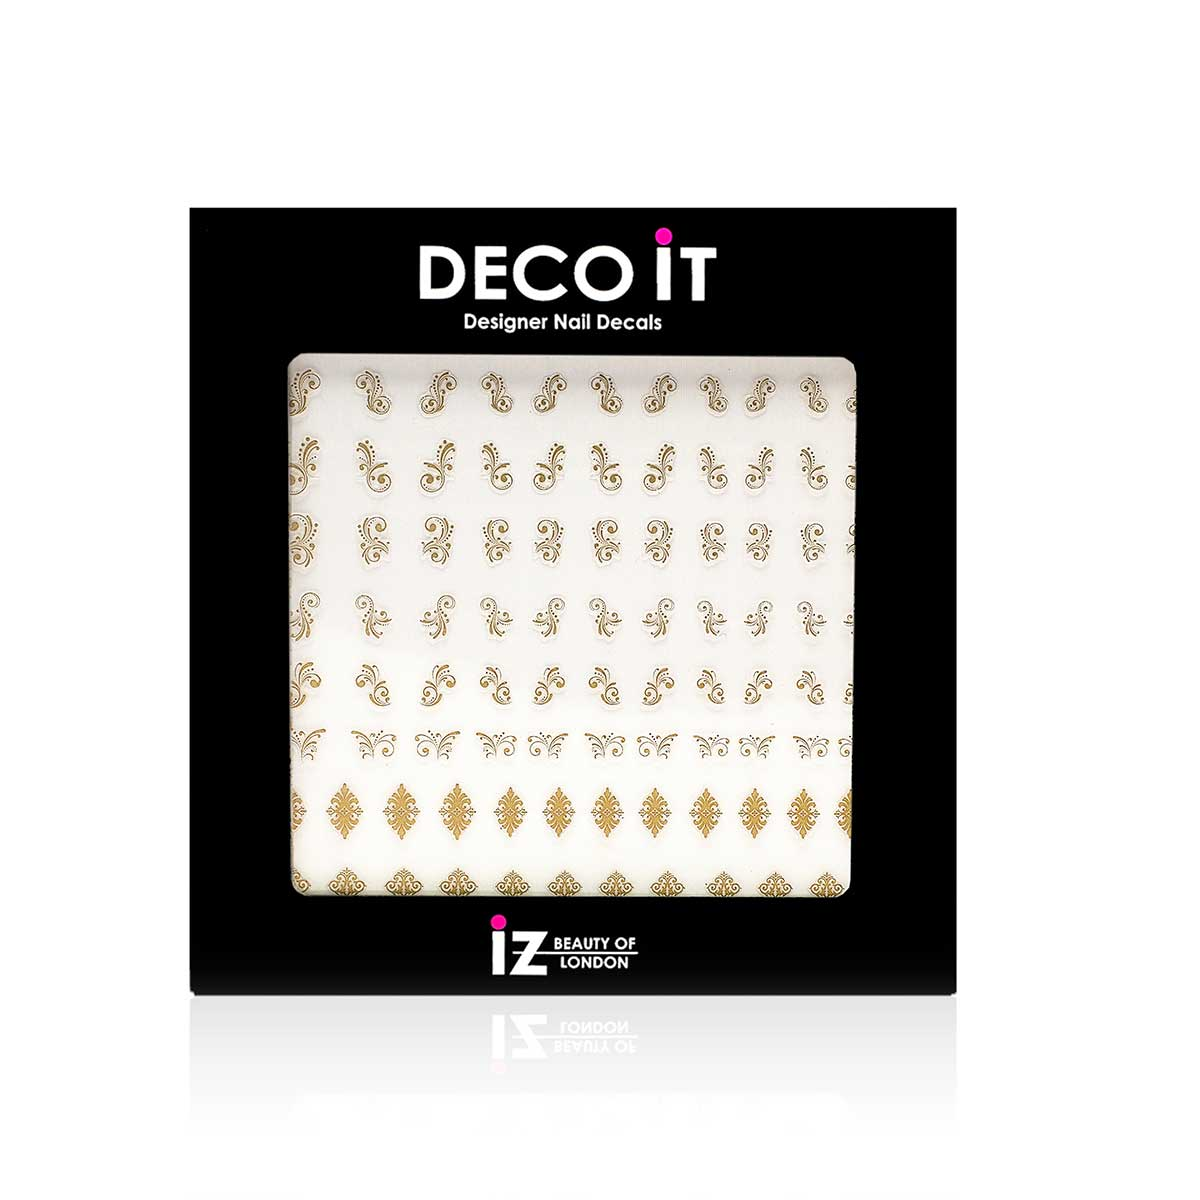 Deco iT Ornate Gold